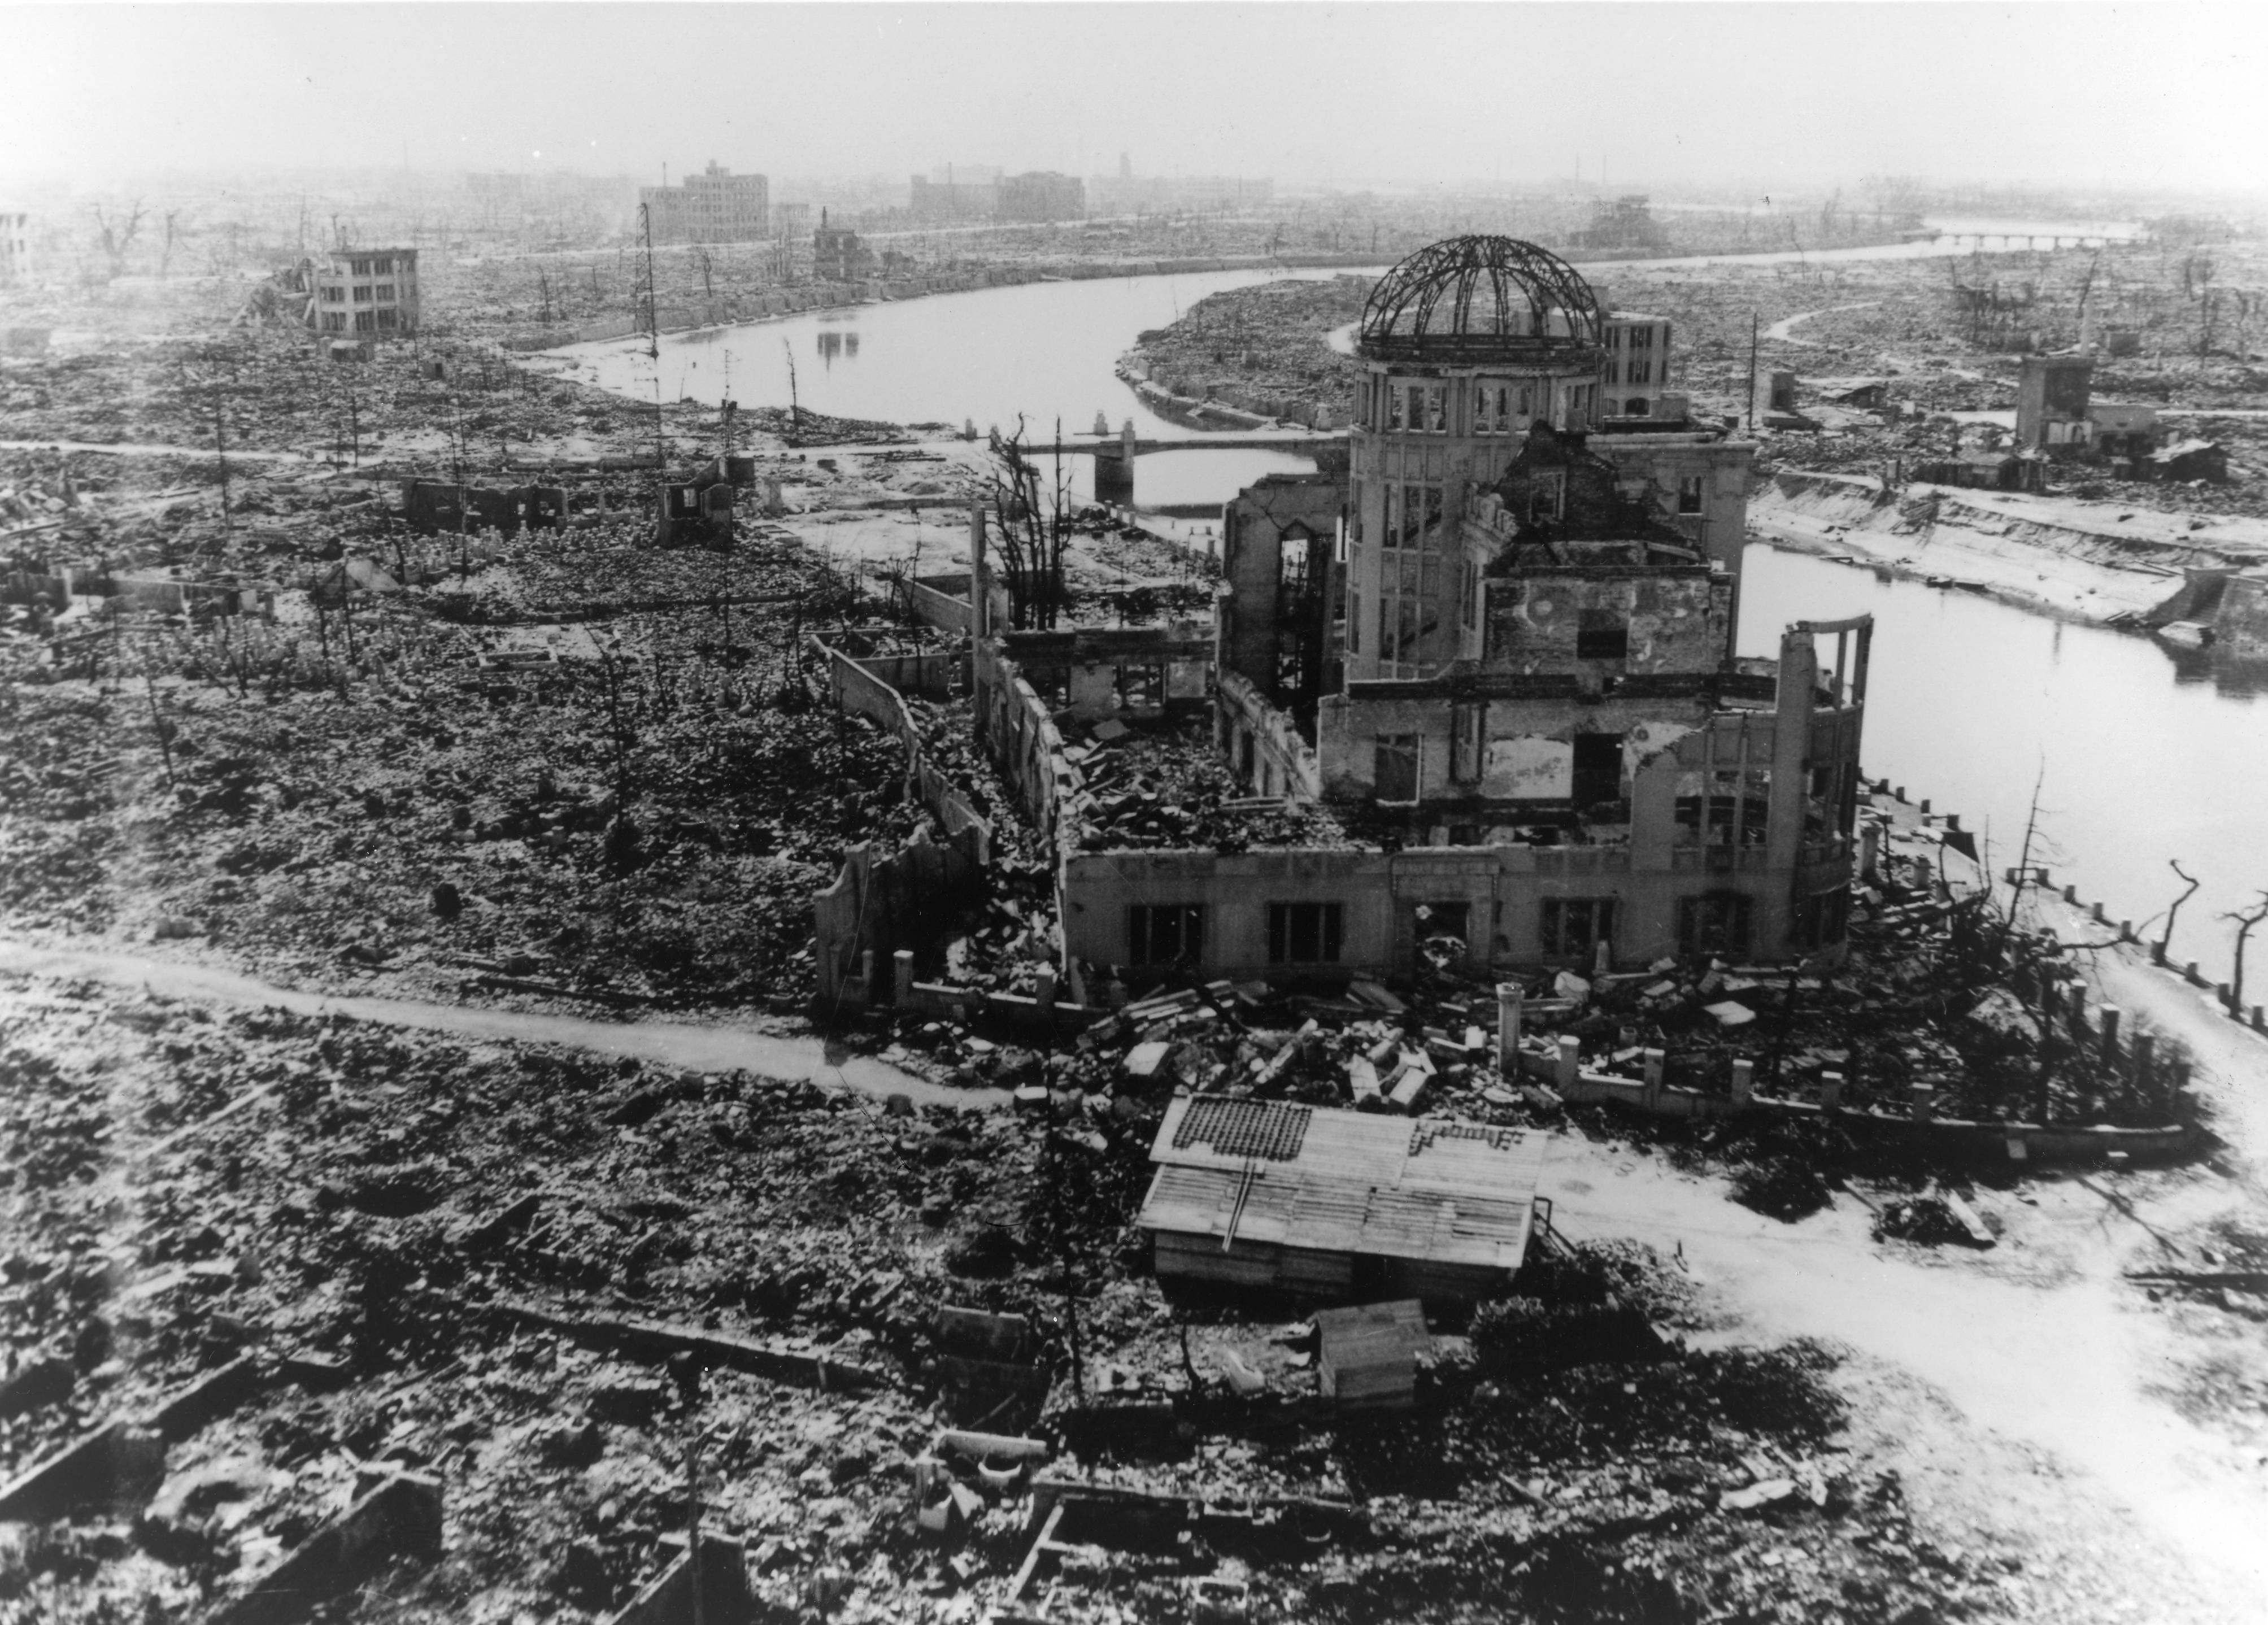 広島県産業奨励館(原爆ドーム)と爆心地付近 (米軍撮影)